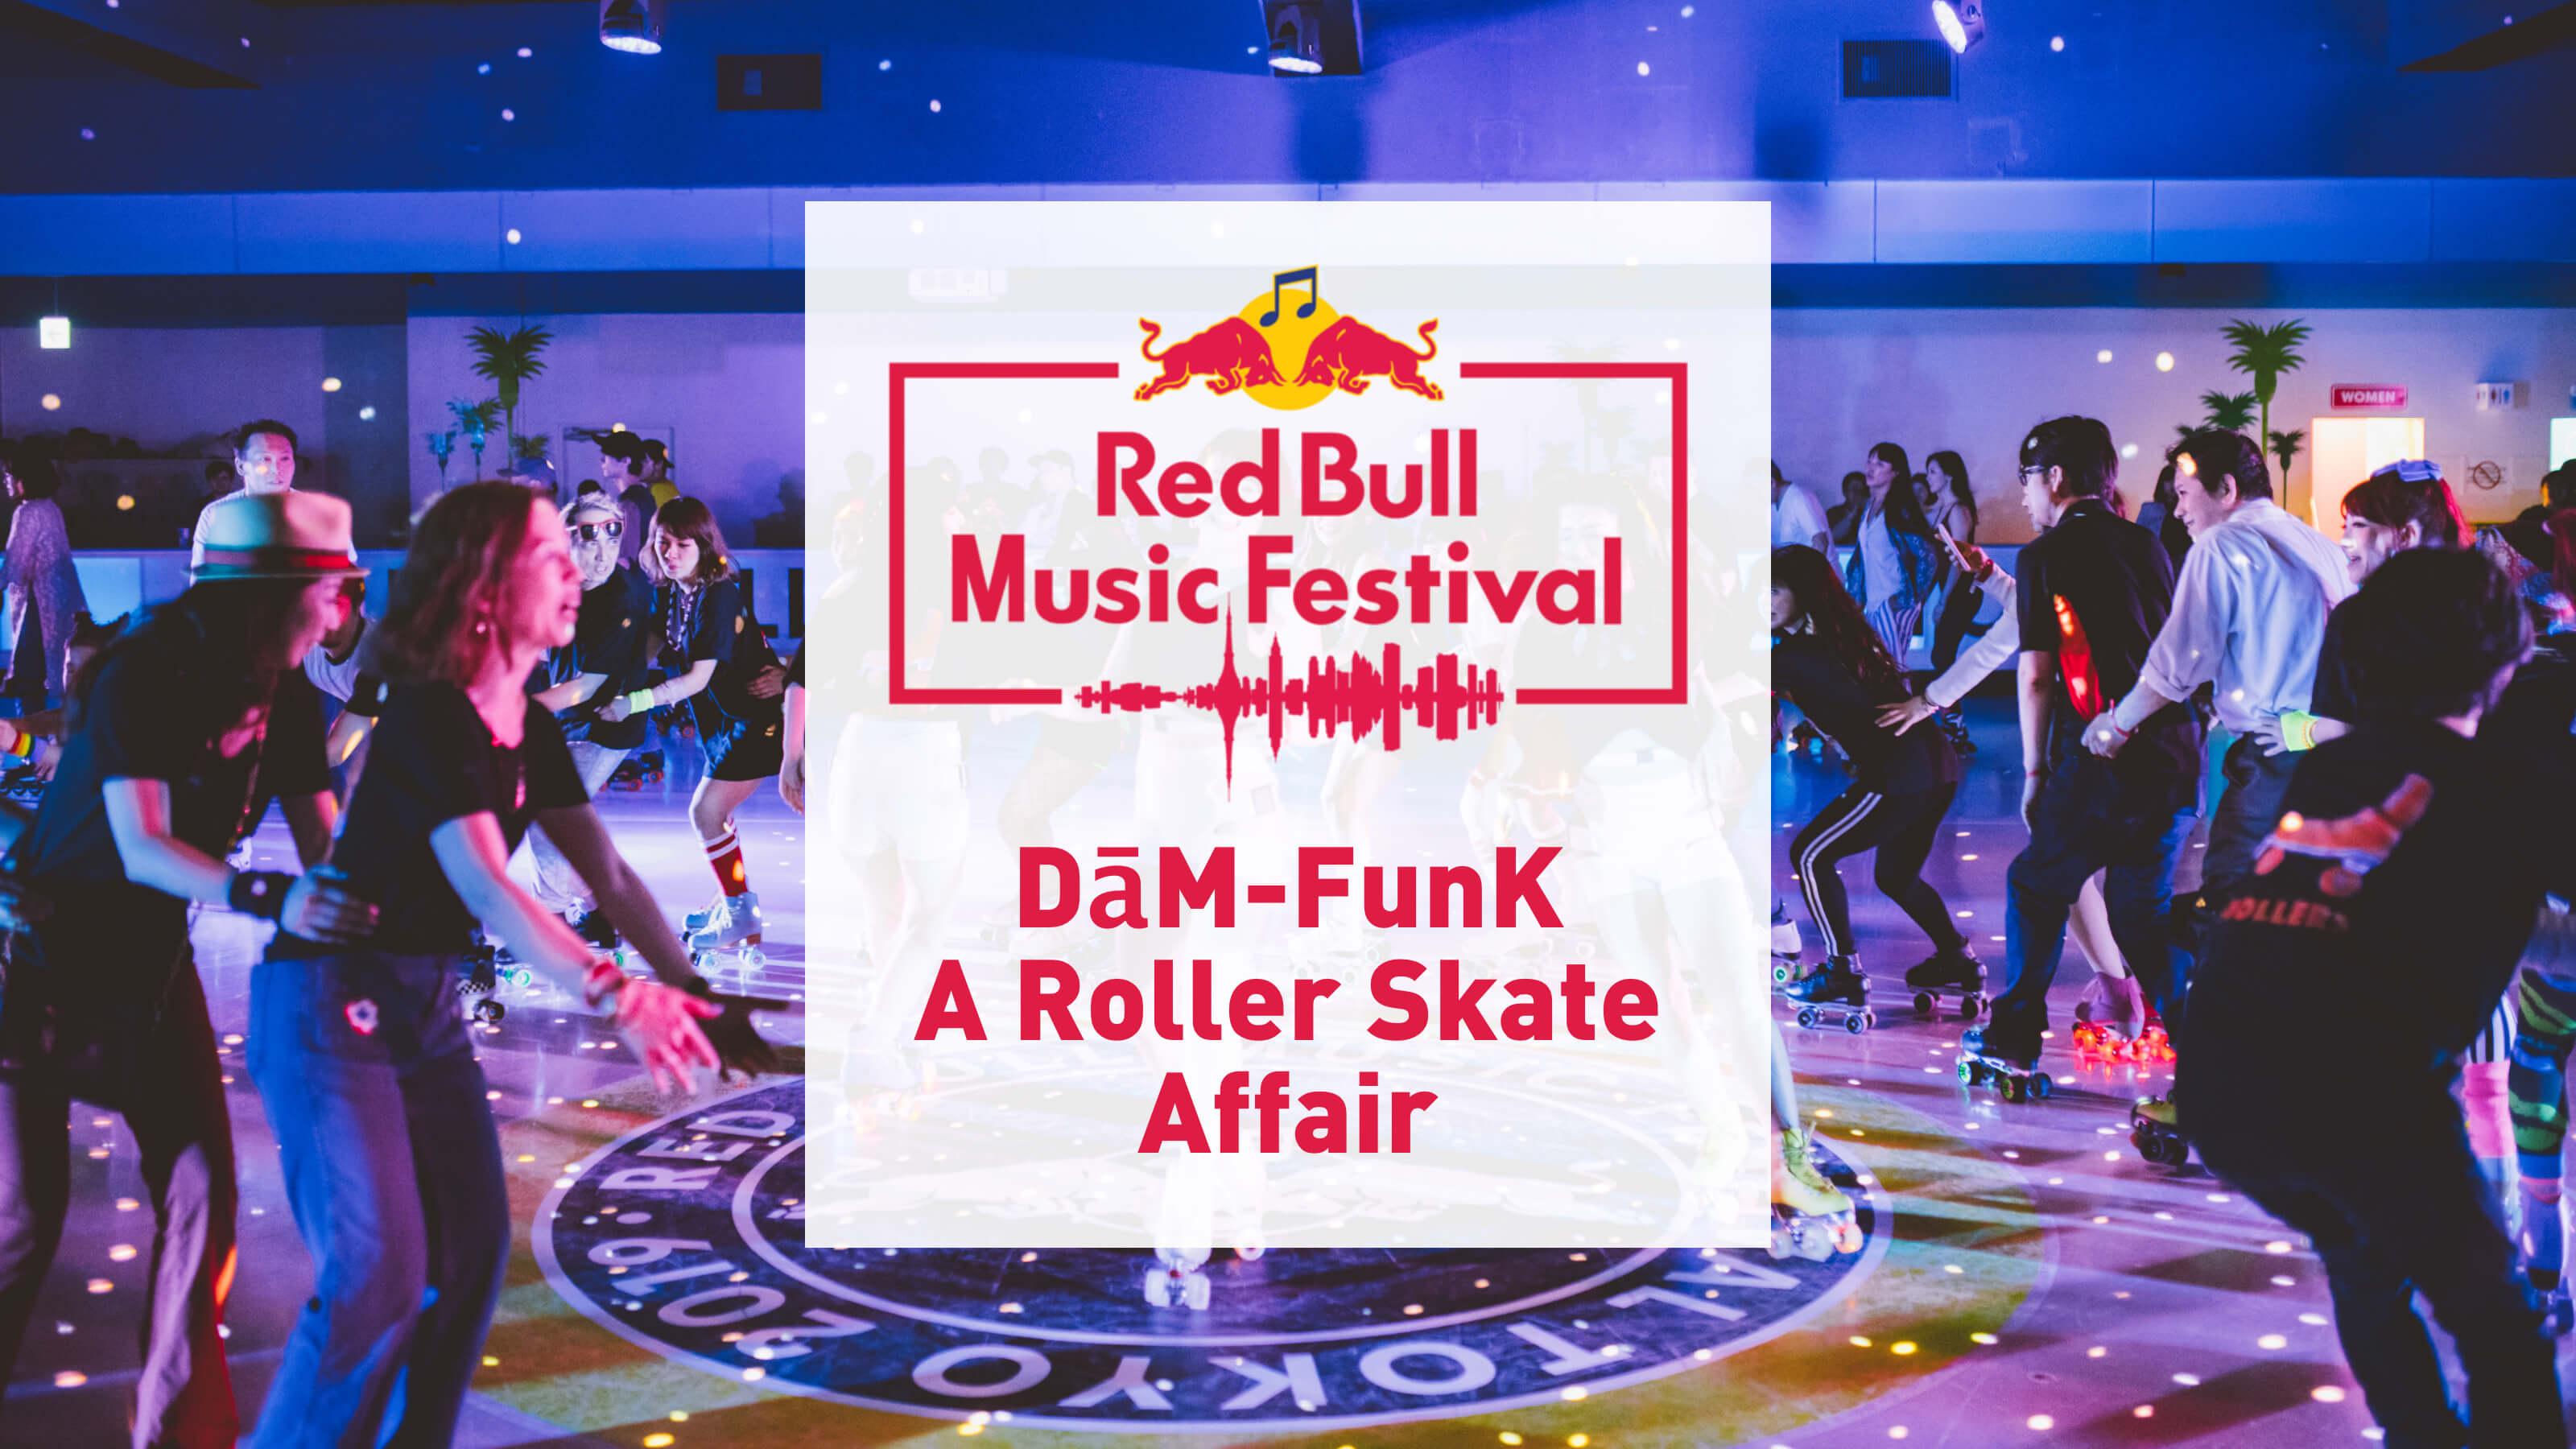 DāM-FunK – A Roller Skate Affair